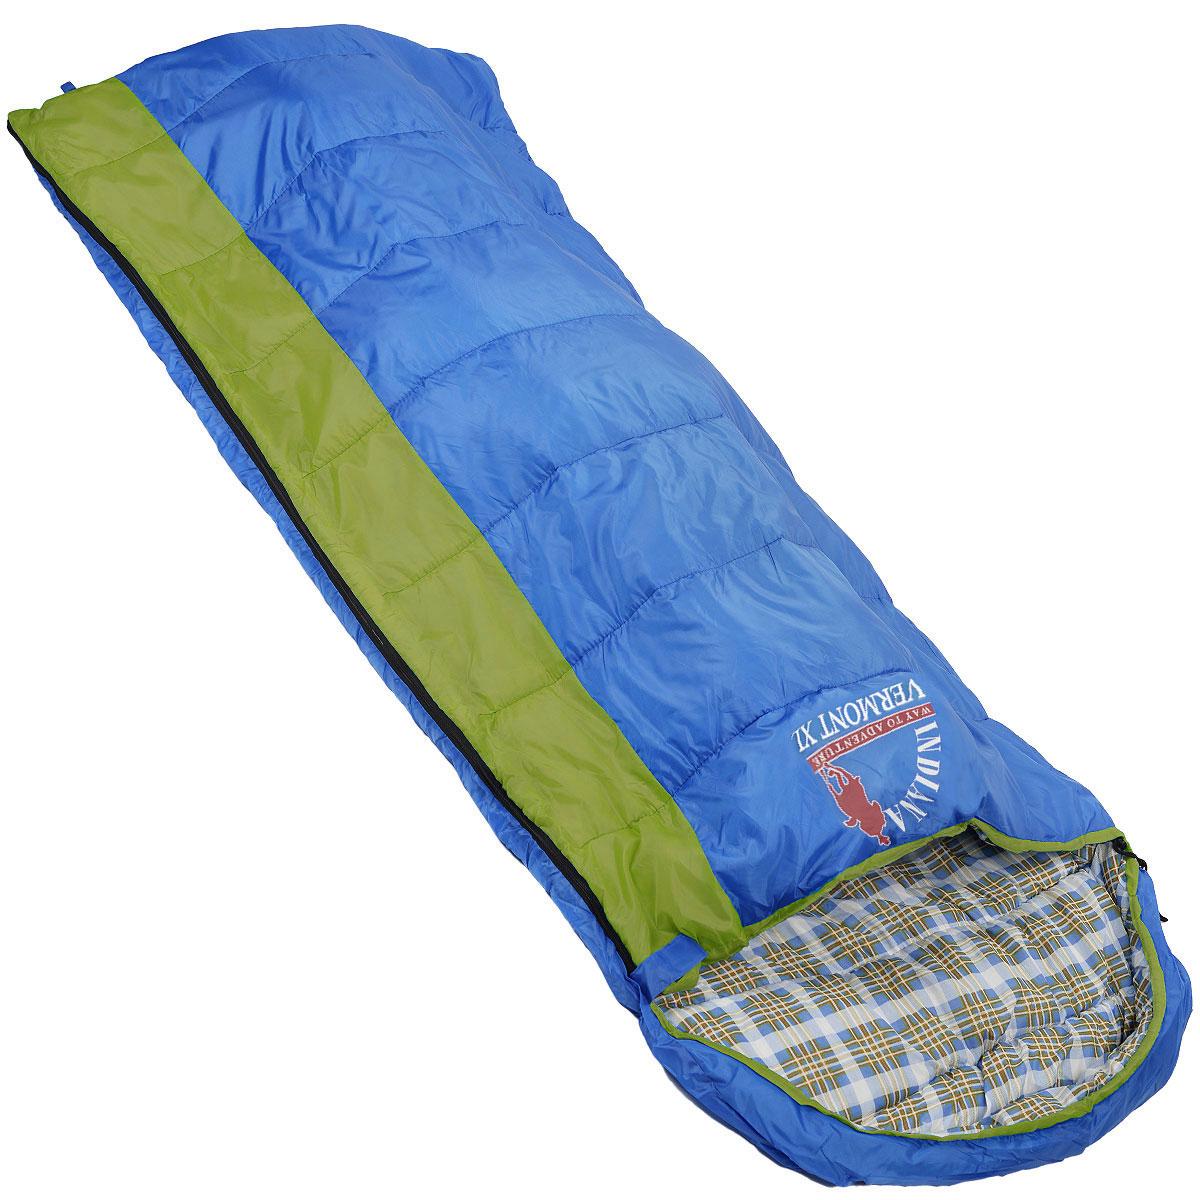 Мешок спальный Indiana Vermont Xl, левосторонняя молния, 185 см х 95 см360700037Самый популярный трехсезонный спальник-одеяло с подголовником, предназначен для комфортного сна даже в холодное время года. Спальный мешок Indiana Vermont Xl не только убережет вас от холода, но и, благодаря увеличенным размерам, обеспечит максимально комфортные условия для вашего сна. Разъемная молния позволяет состыковать два спальника в один большой.Что взять с собой в поход?. Статья OZON Гид